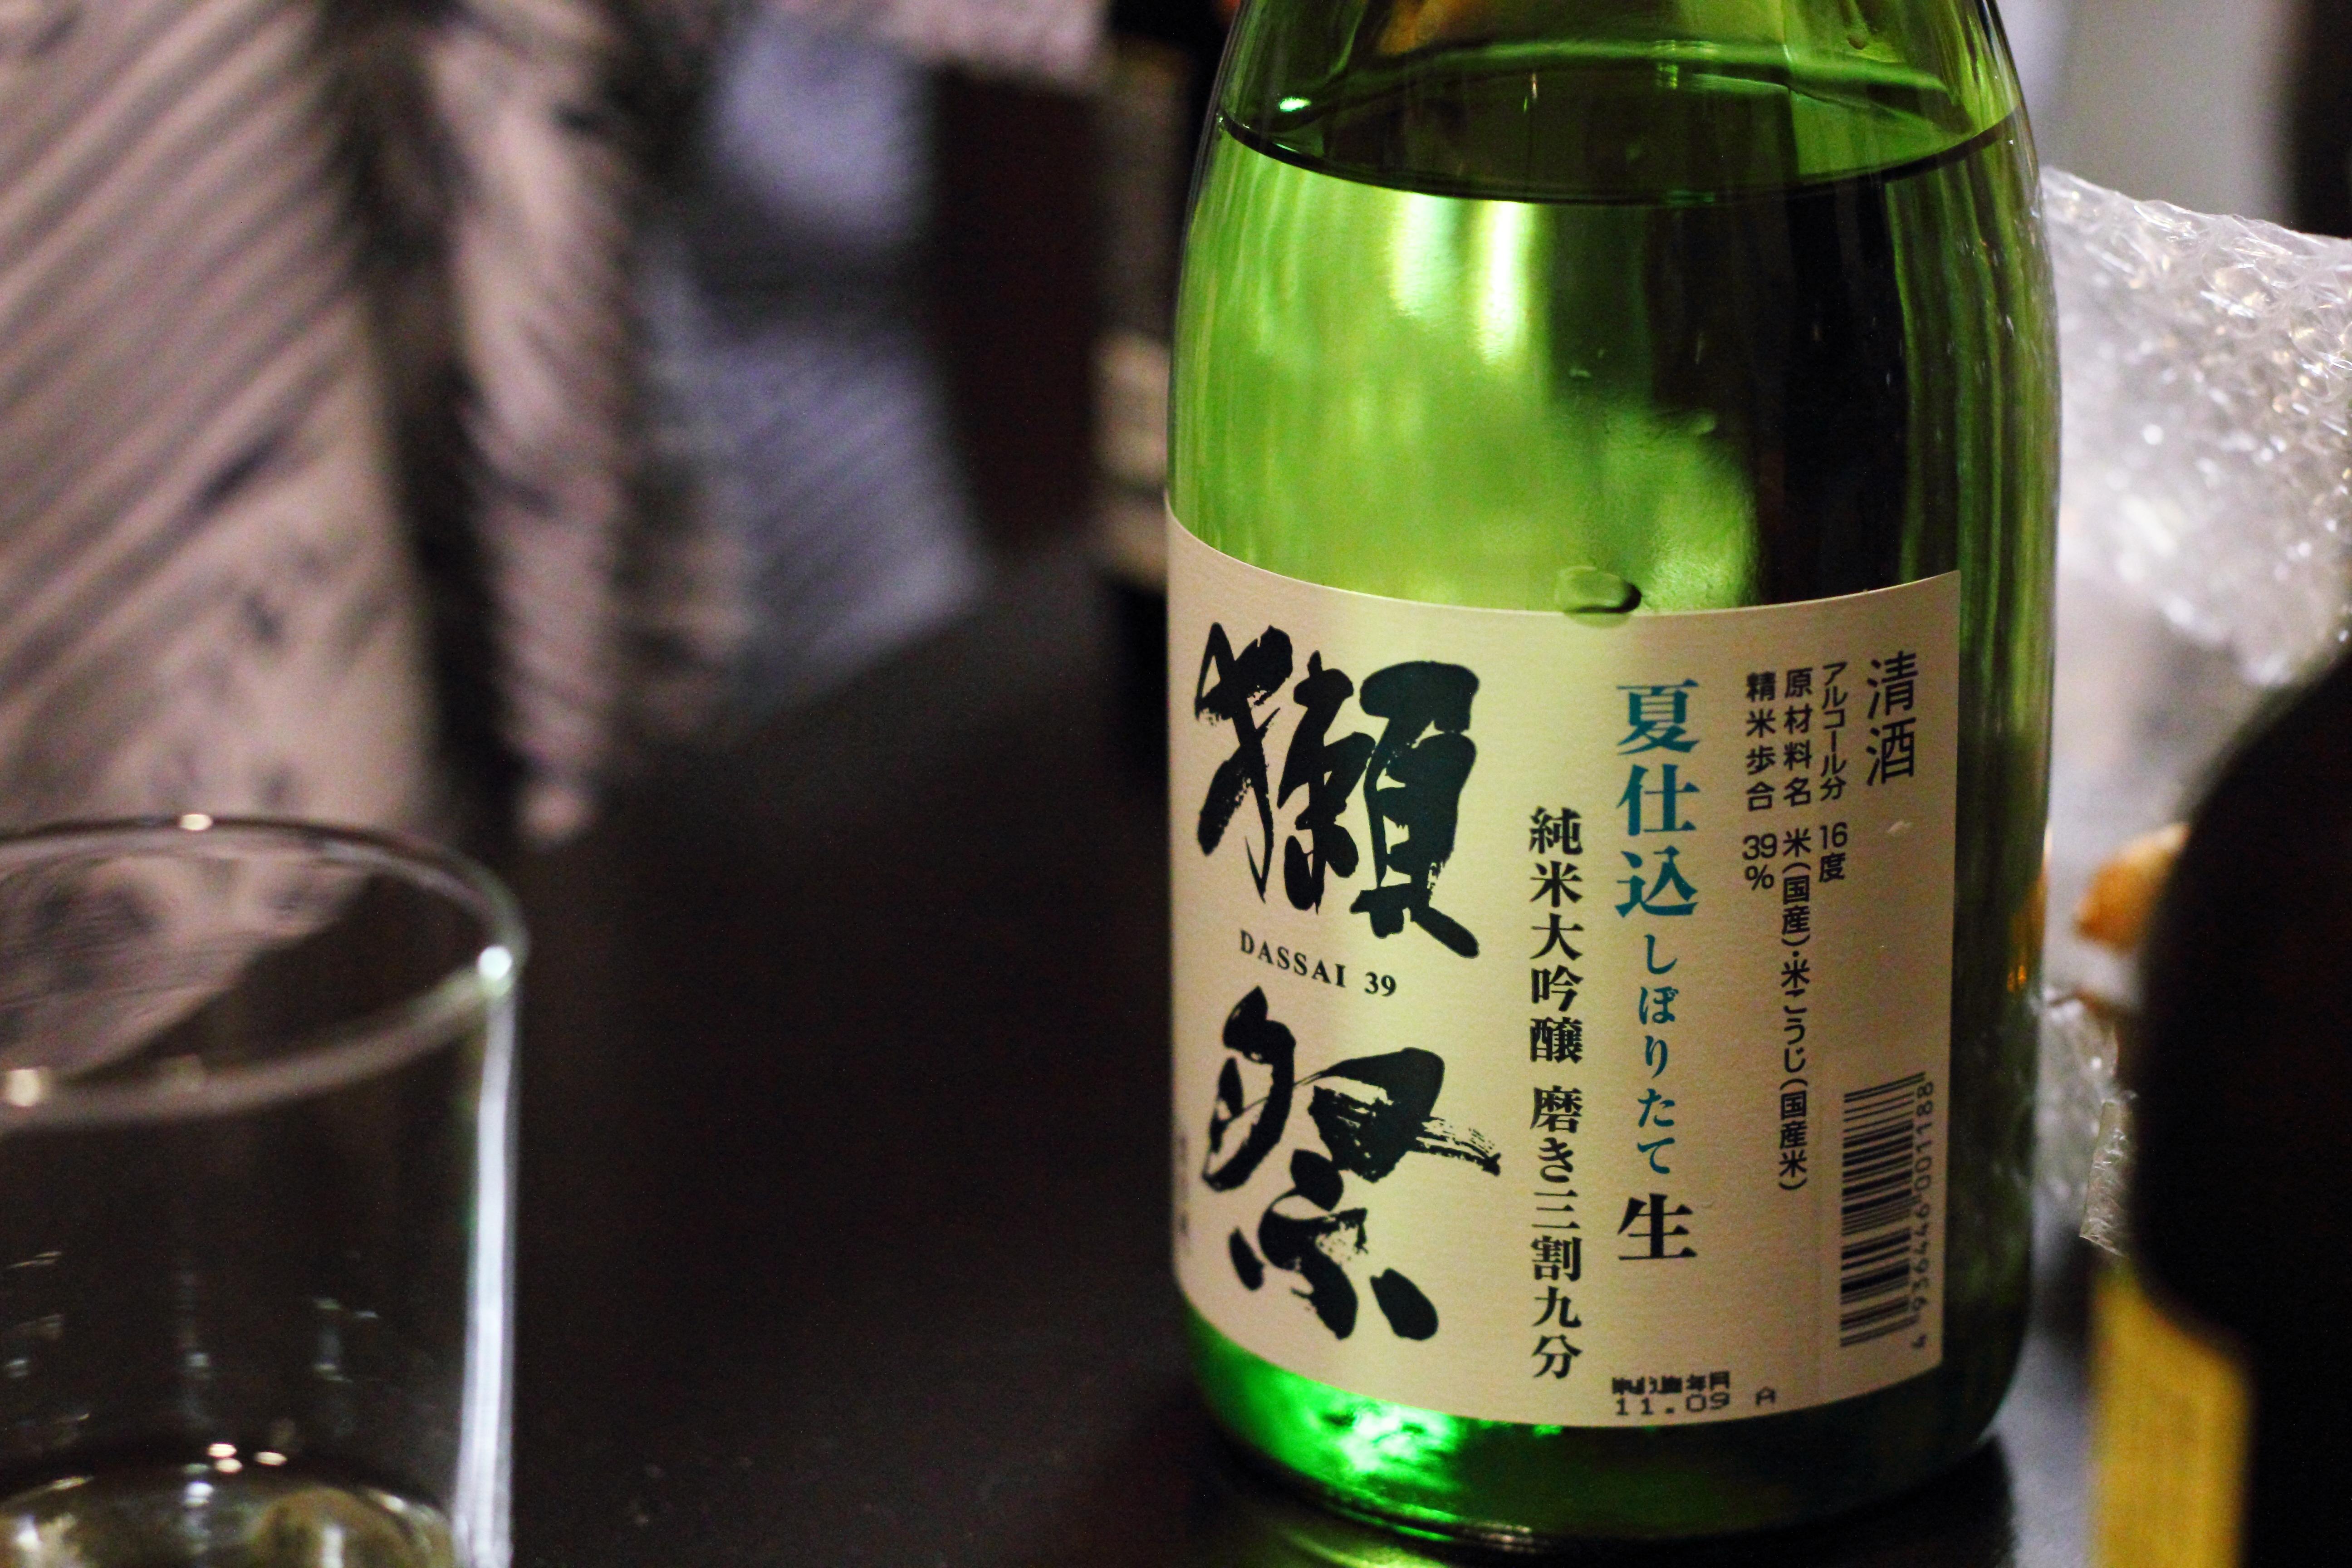 Dassai %28brand of sake%29